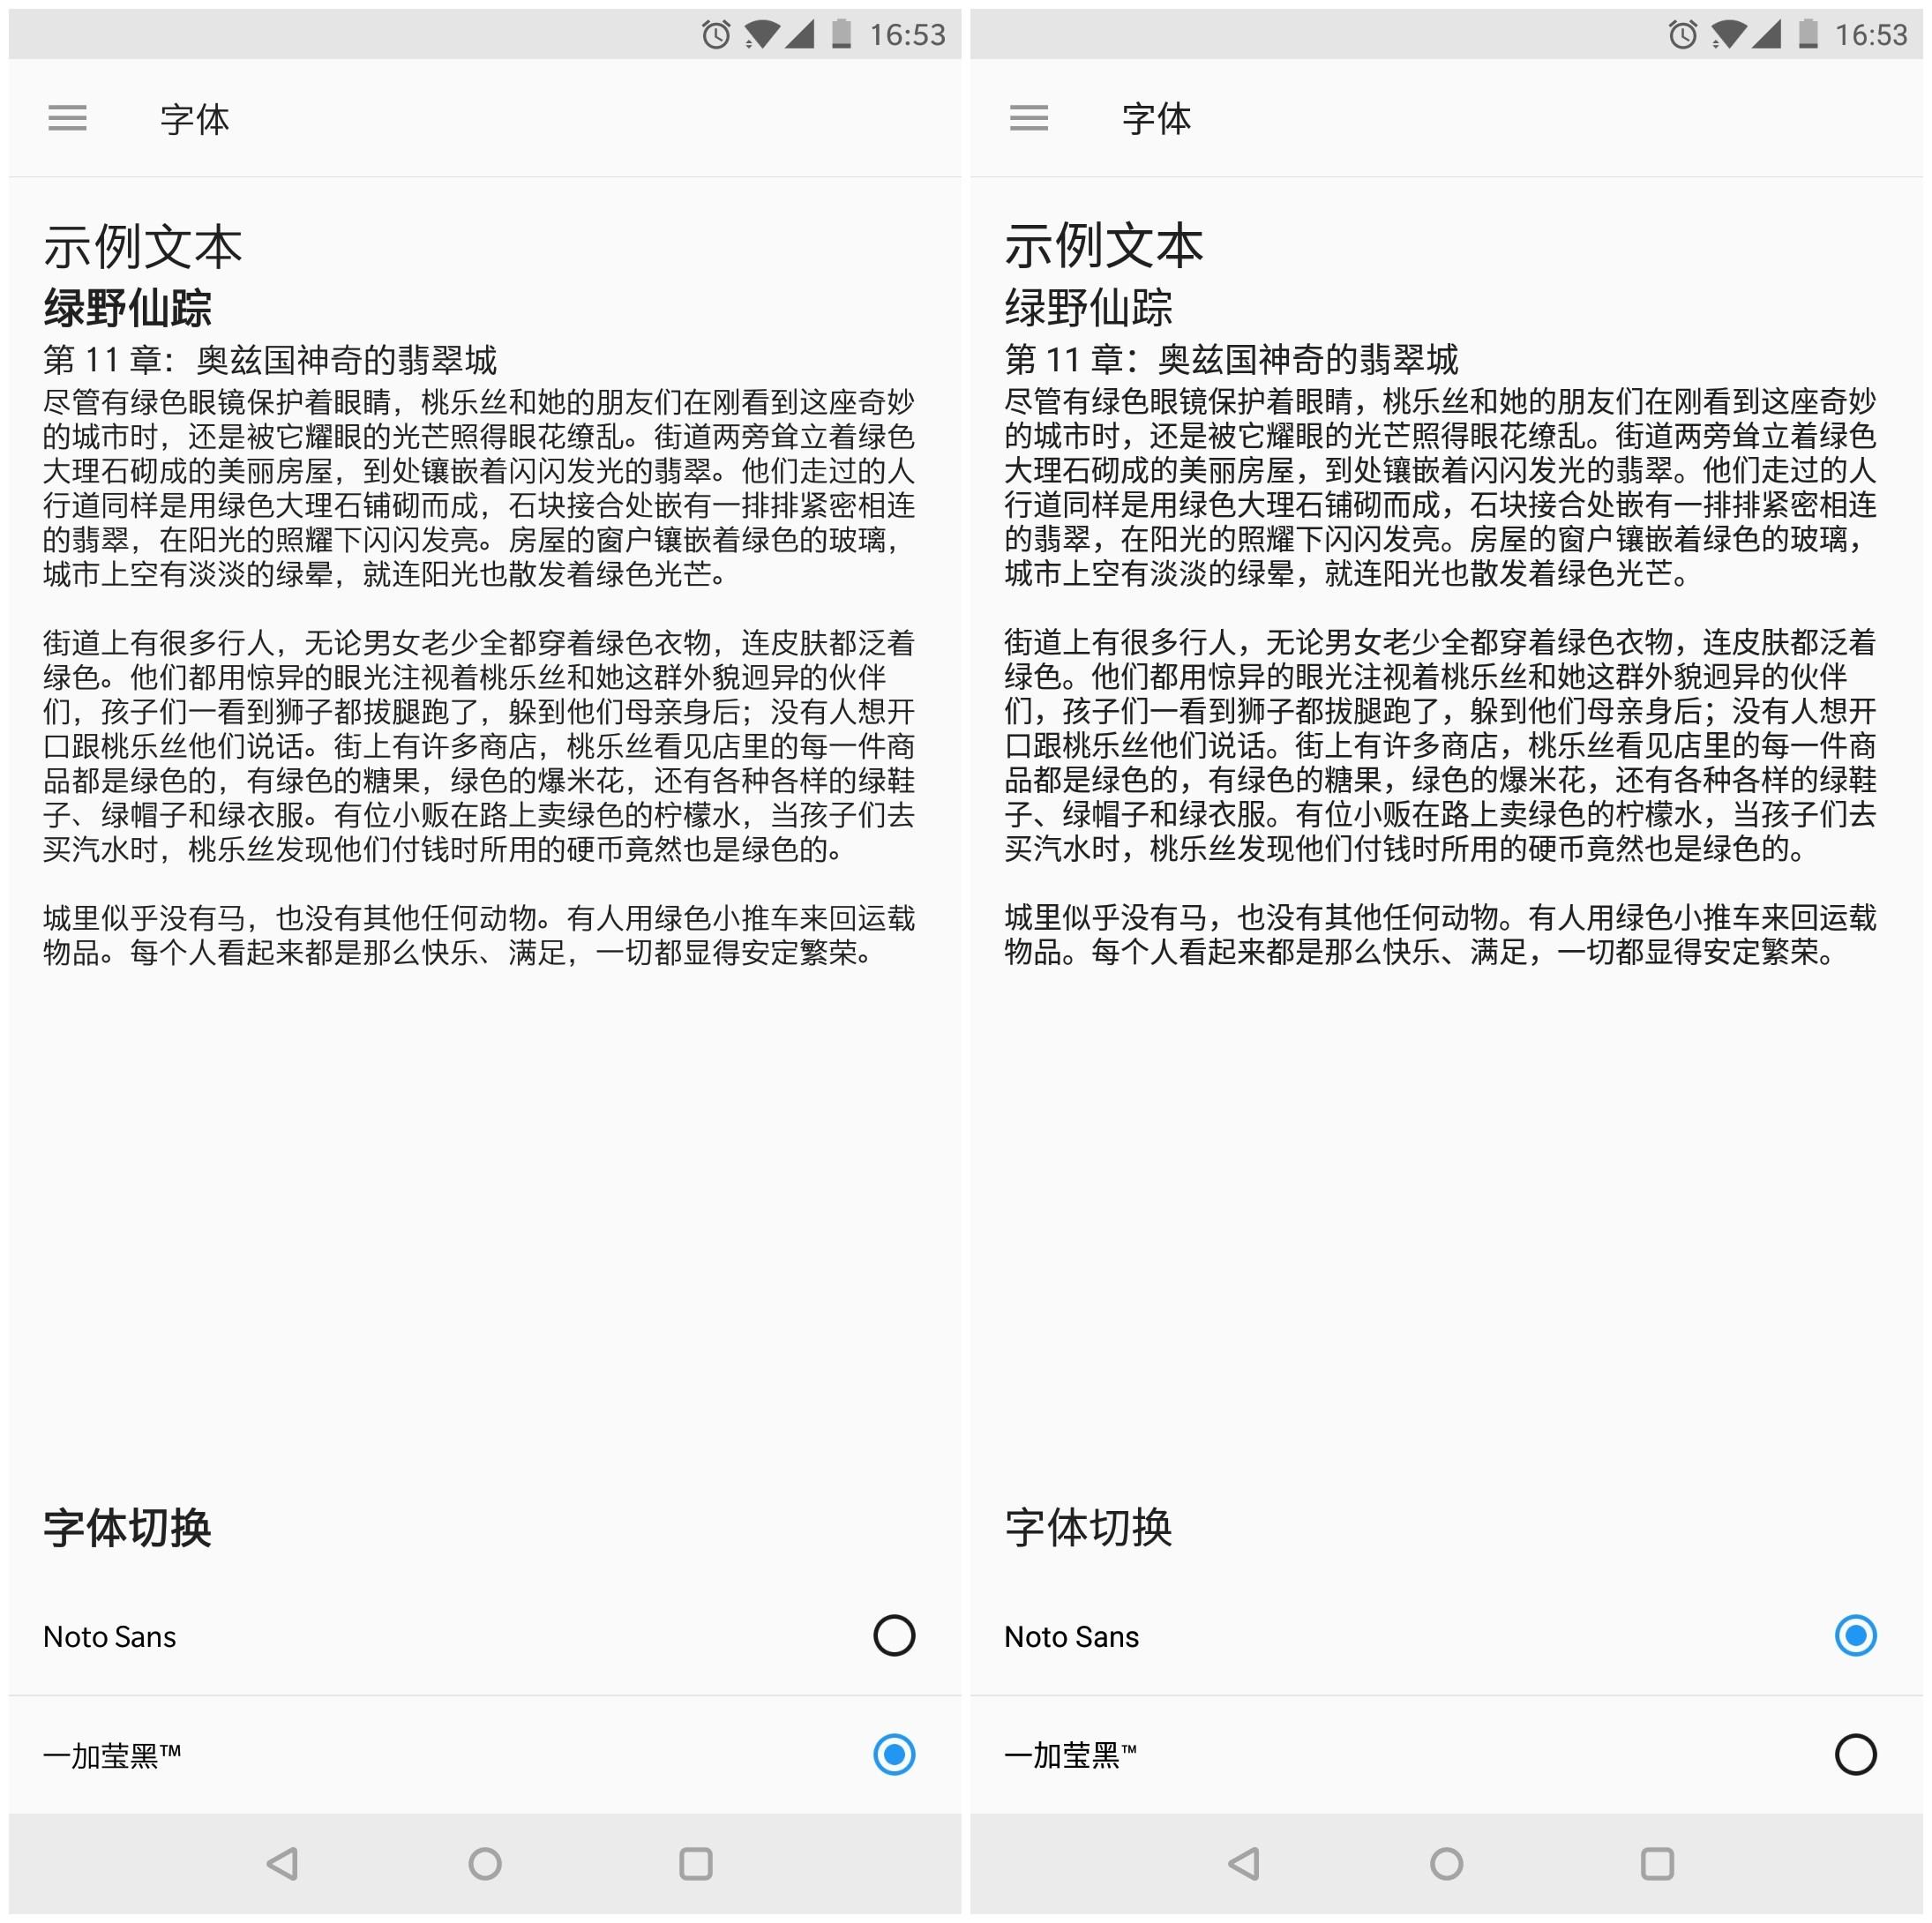 screenshot_20171210-165326_副本.jpg